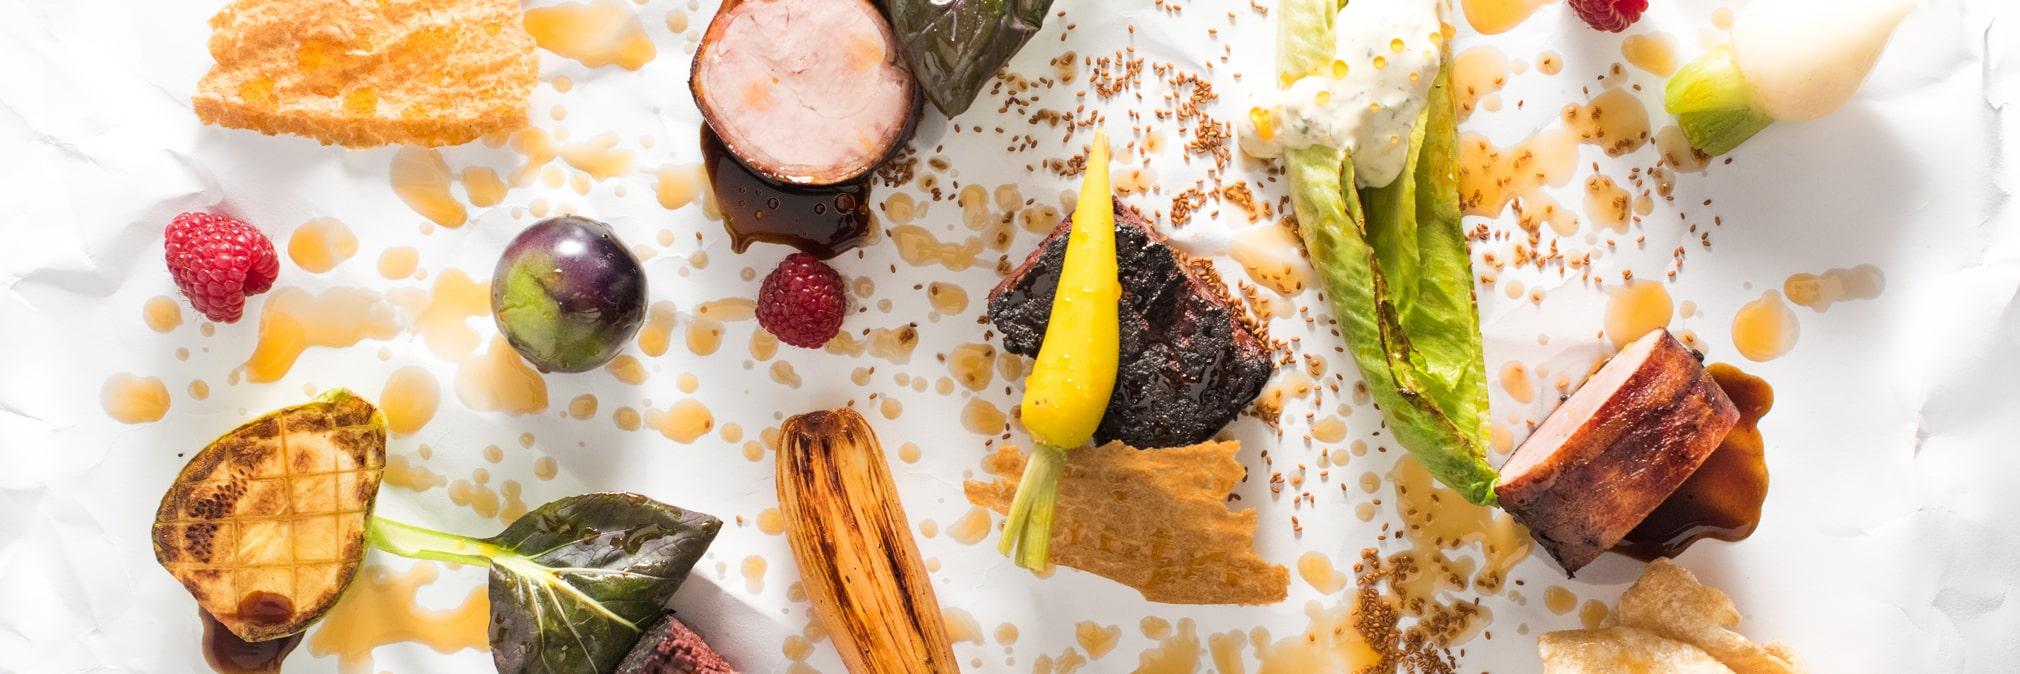 Le Clocher penche restaurant quebec